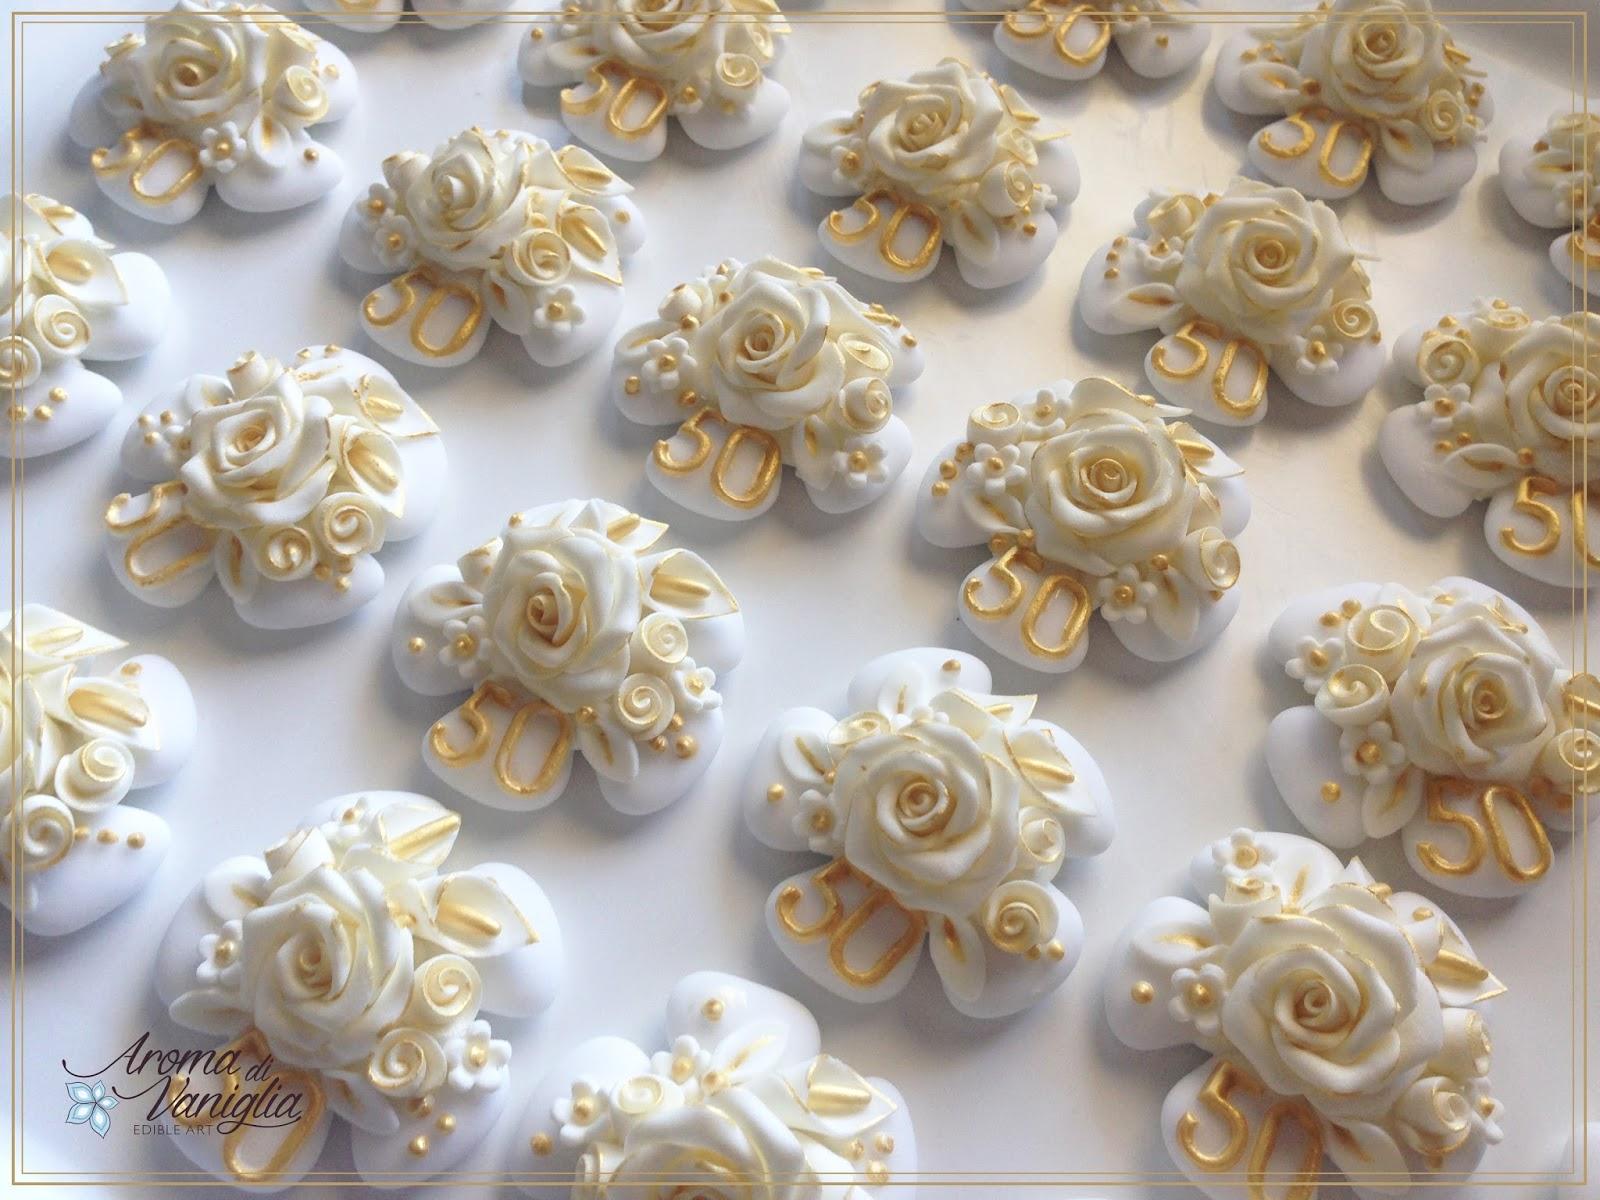 Auguri Quarantesimo Matrimonio : Aroma di vaniglia nozze d oro